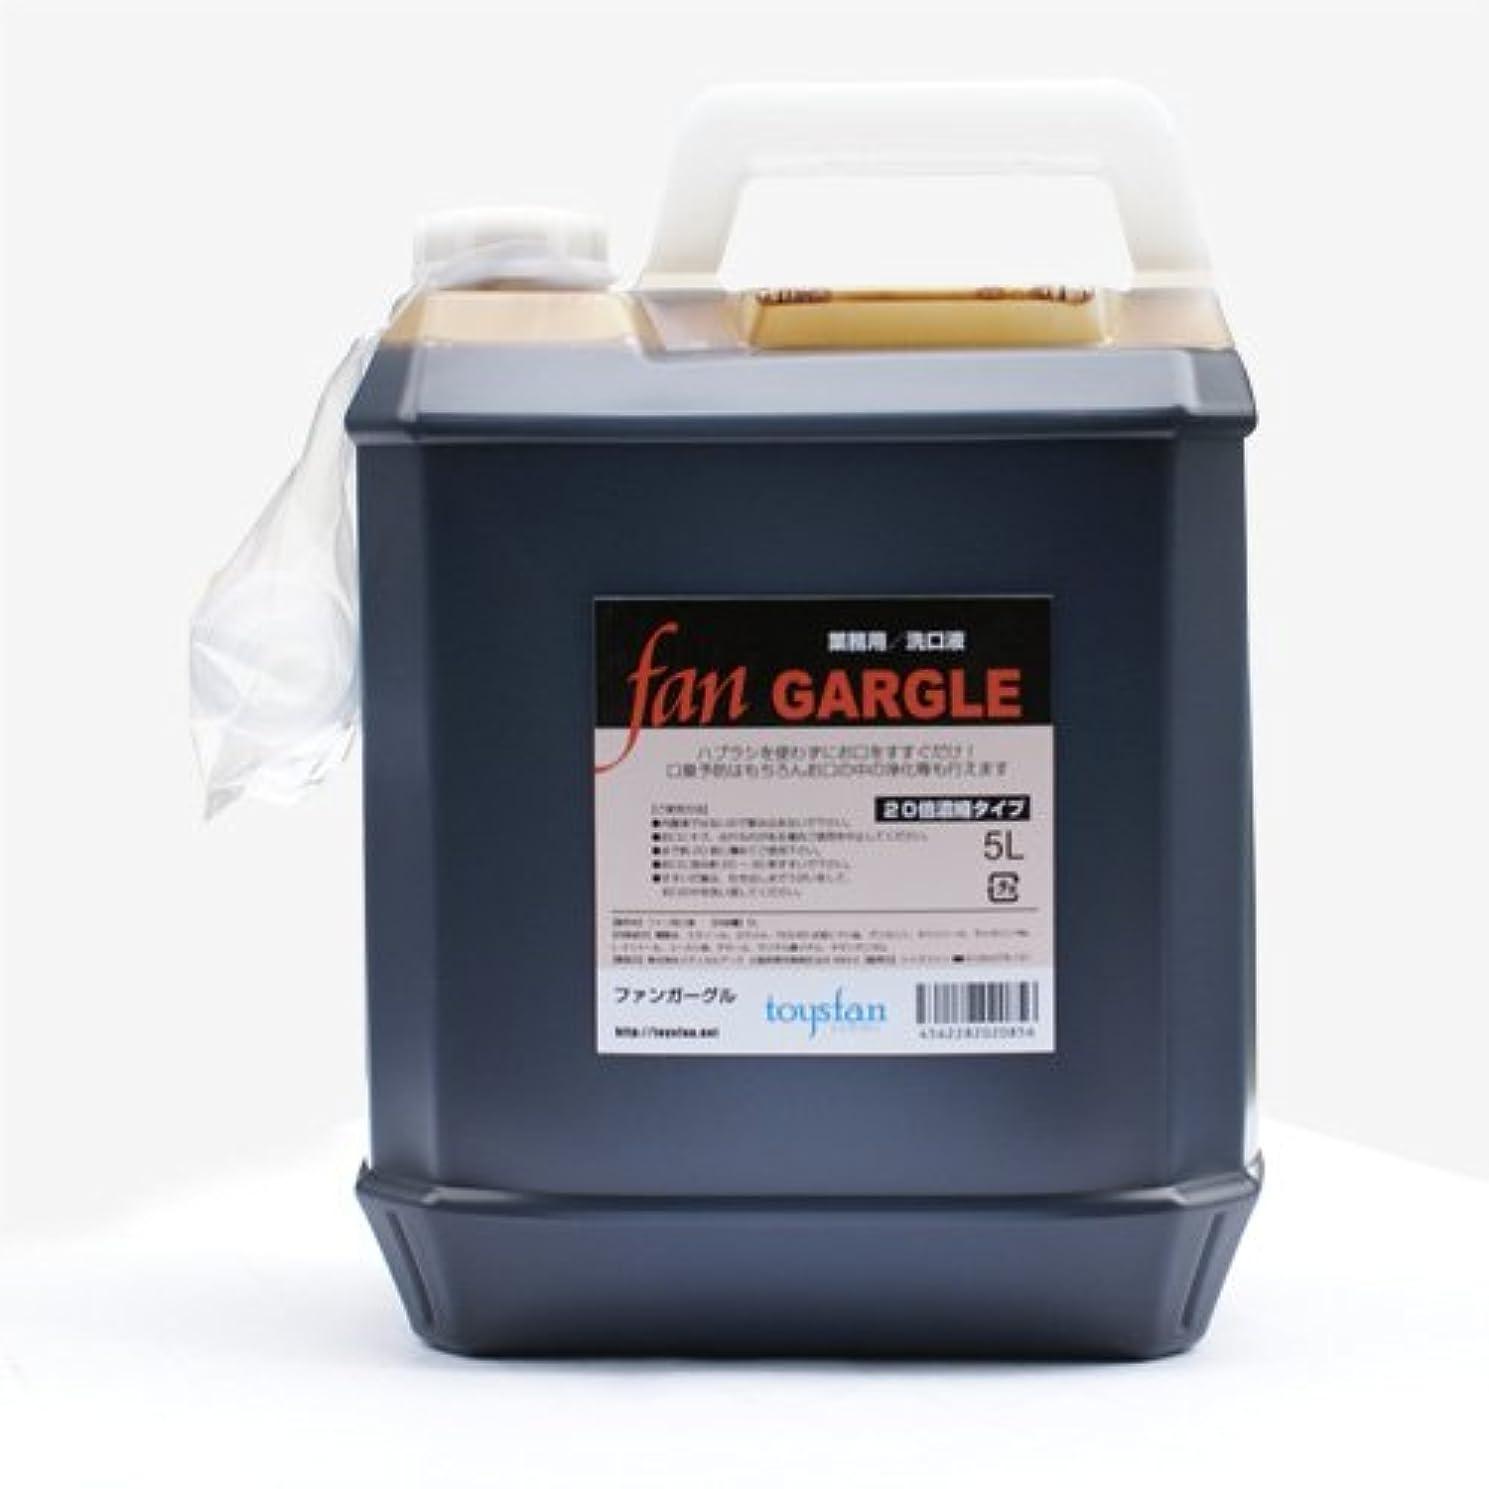 セブン書士財政ファンガーグル 5L(20倍濃縮)業務用洗口液